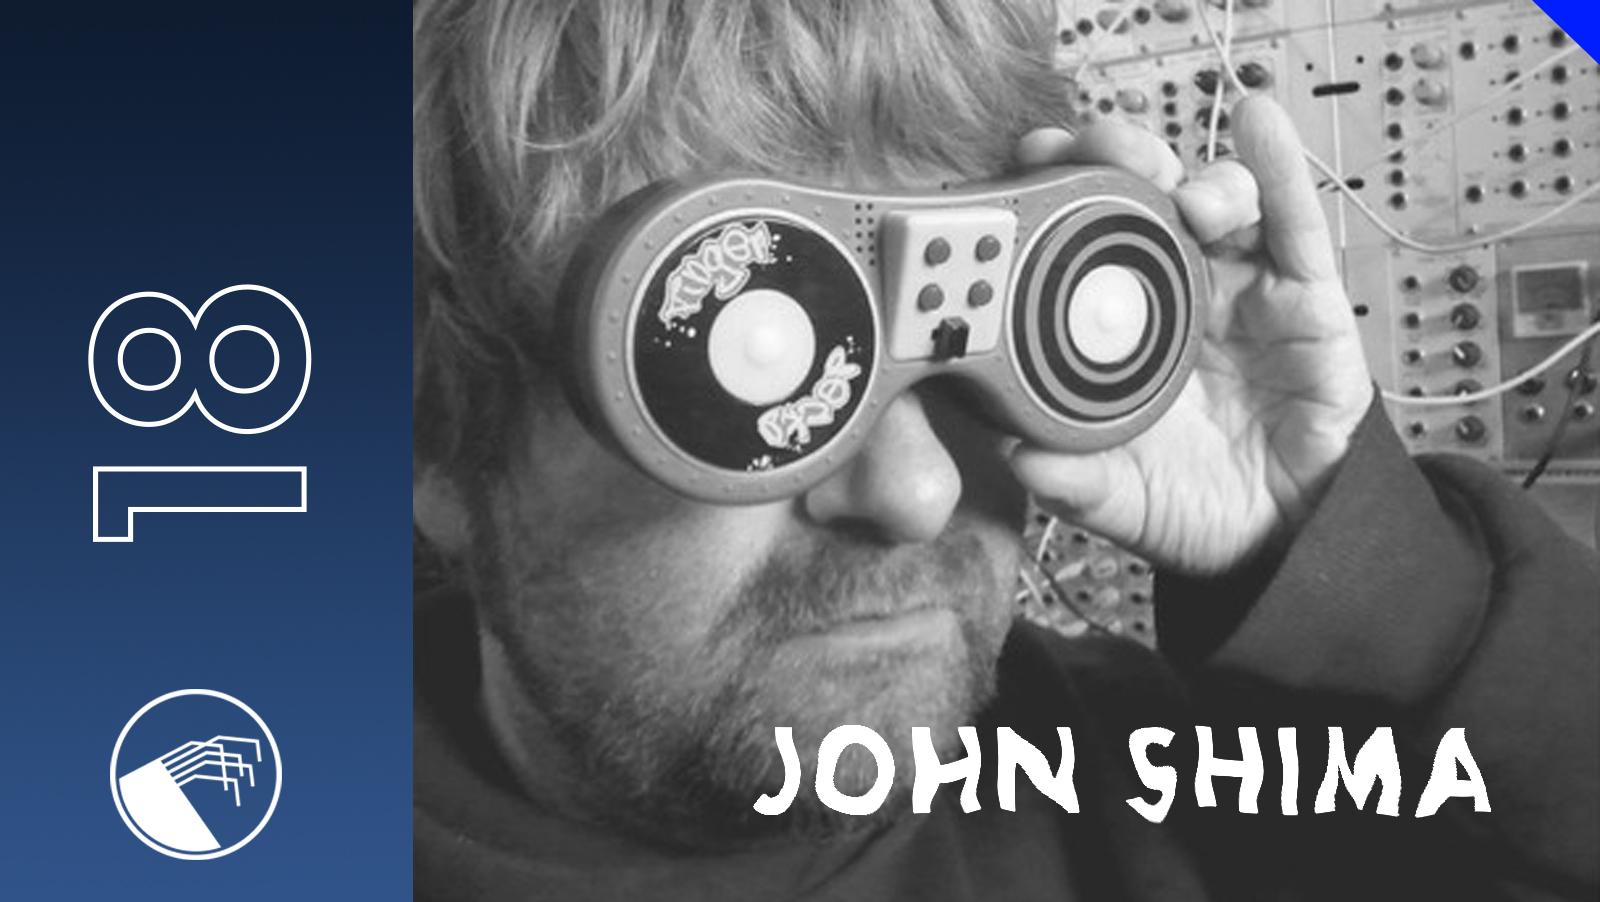 018 John Shima